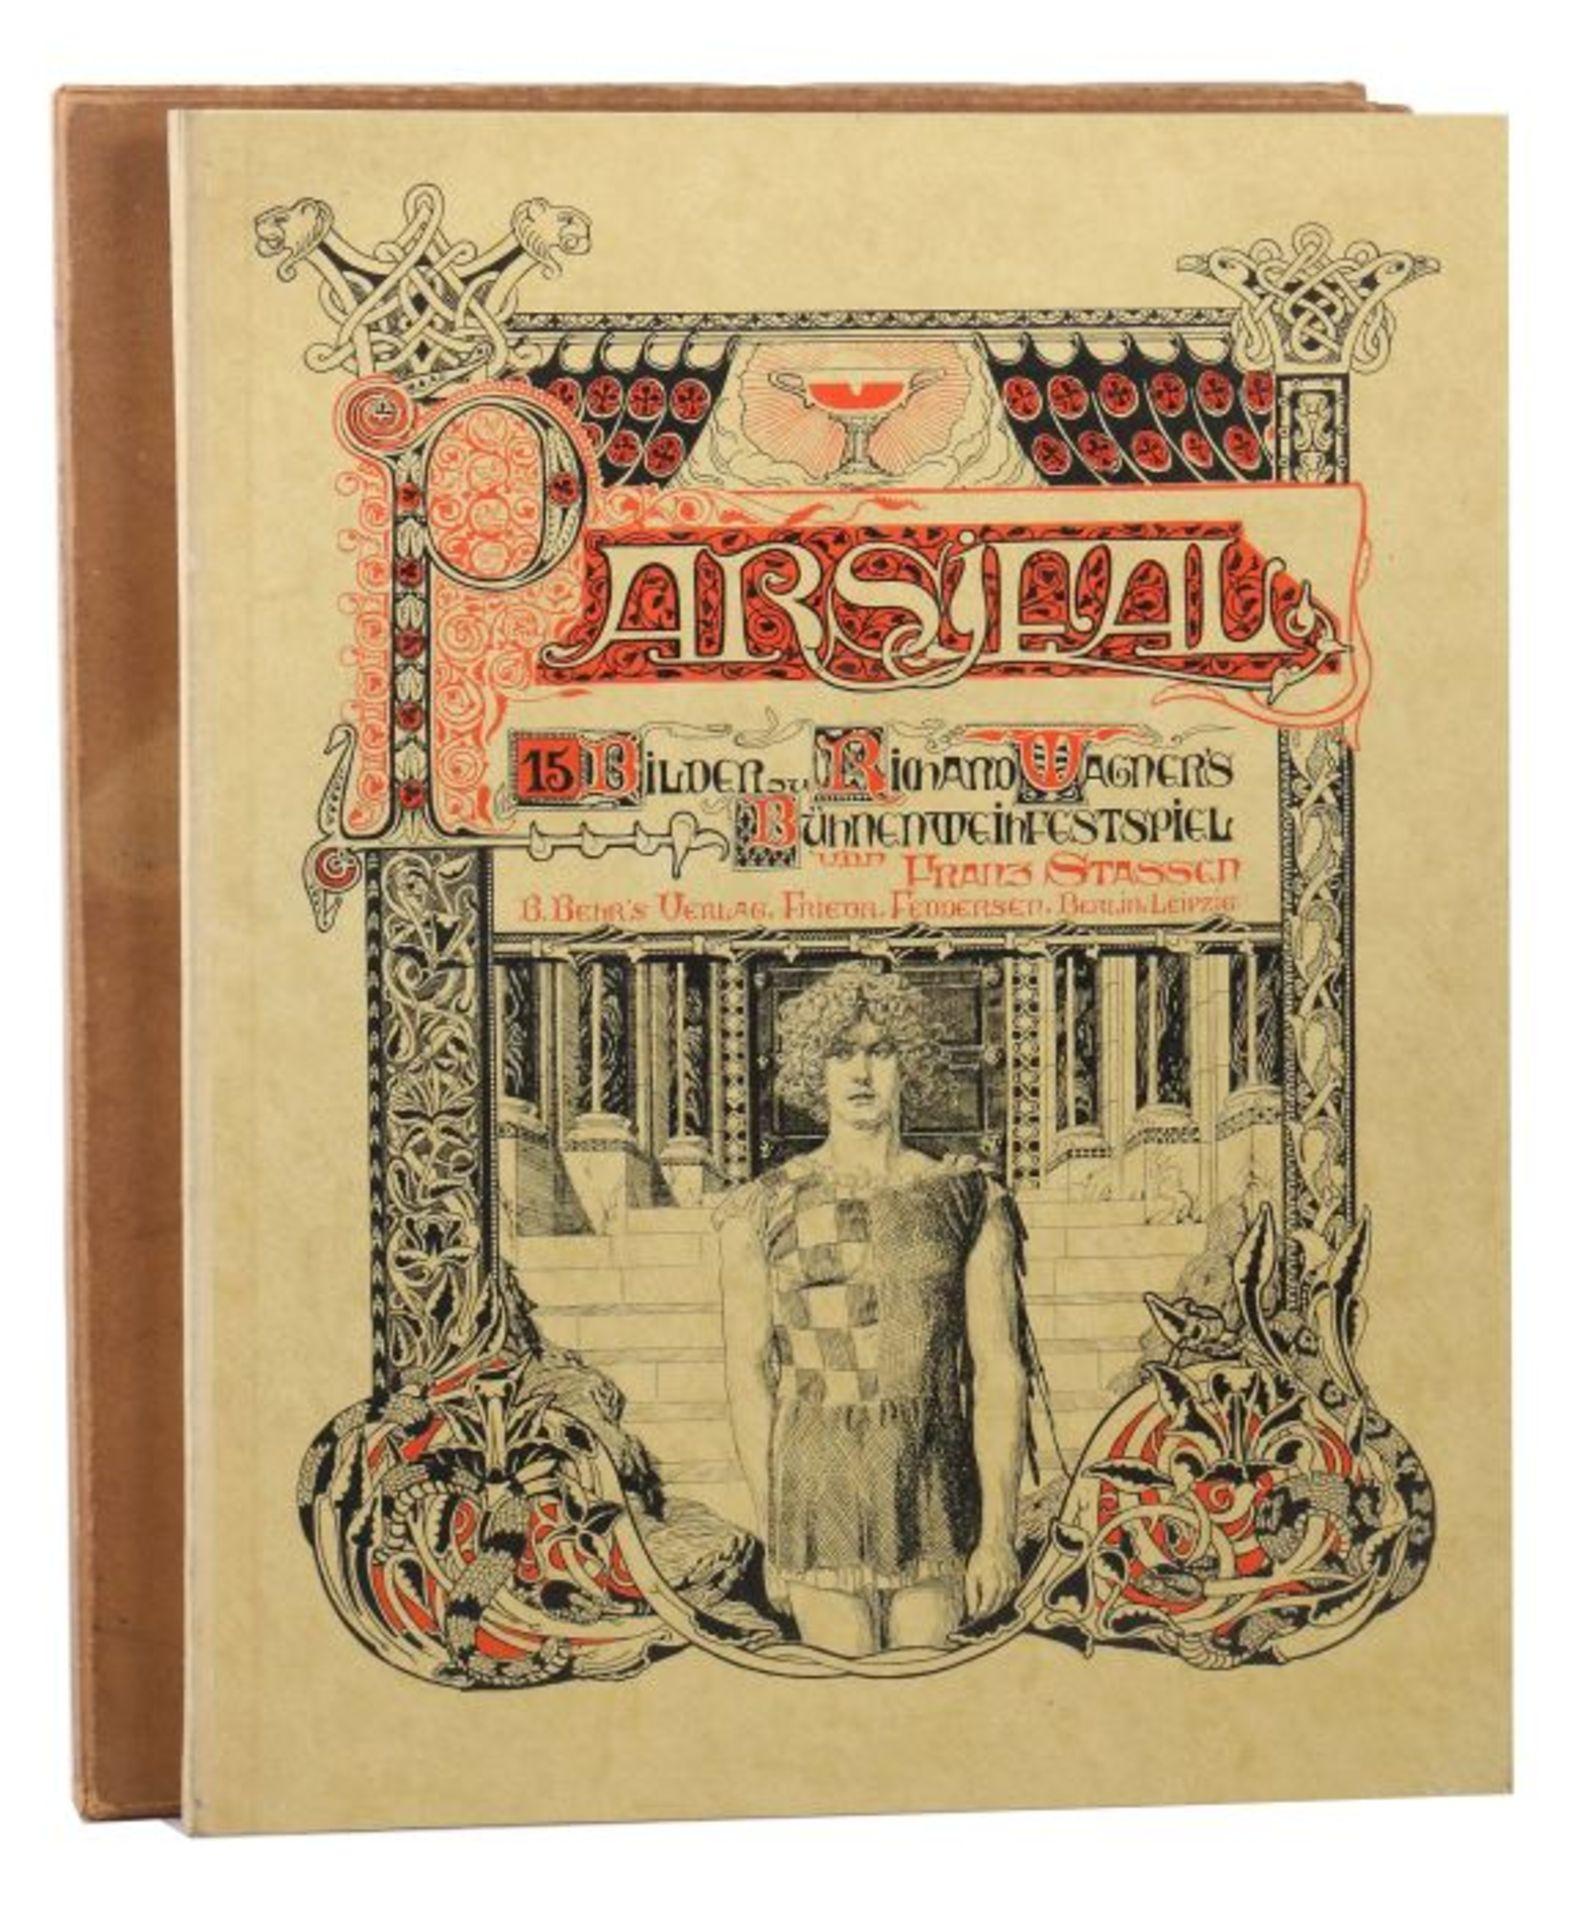 Stassen, Franz (Illustr.) Richard Wagner - Parsifal - 15 Bilder zu Richard Wagners Bühnenweihfest,